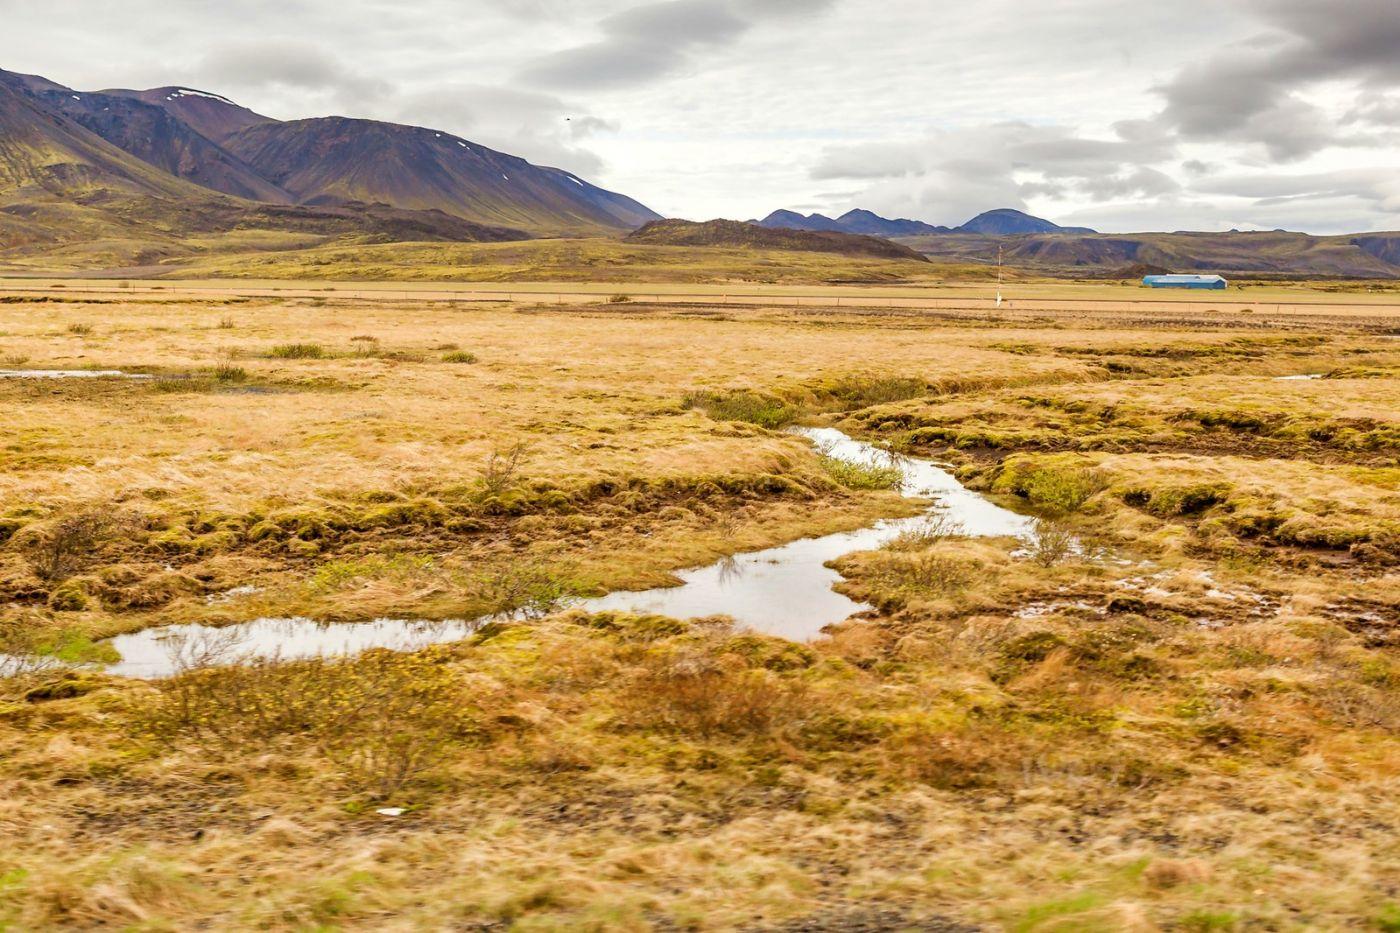 冰岛风采,奇山怪石_图1-25